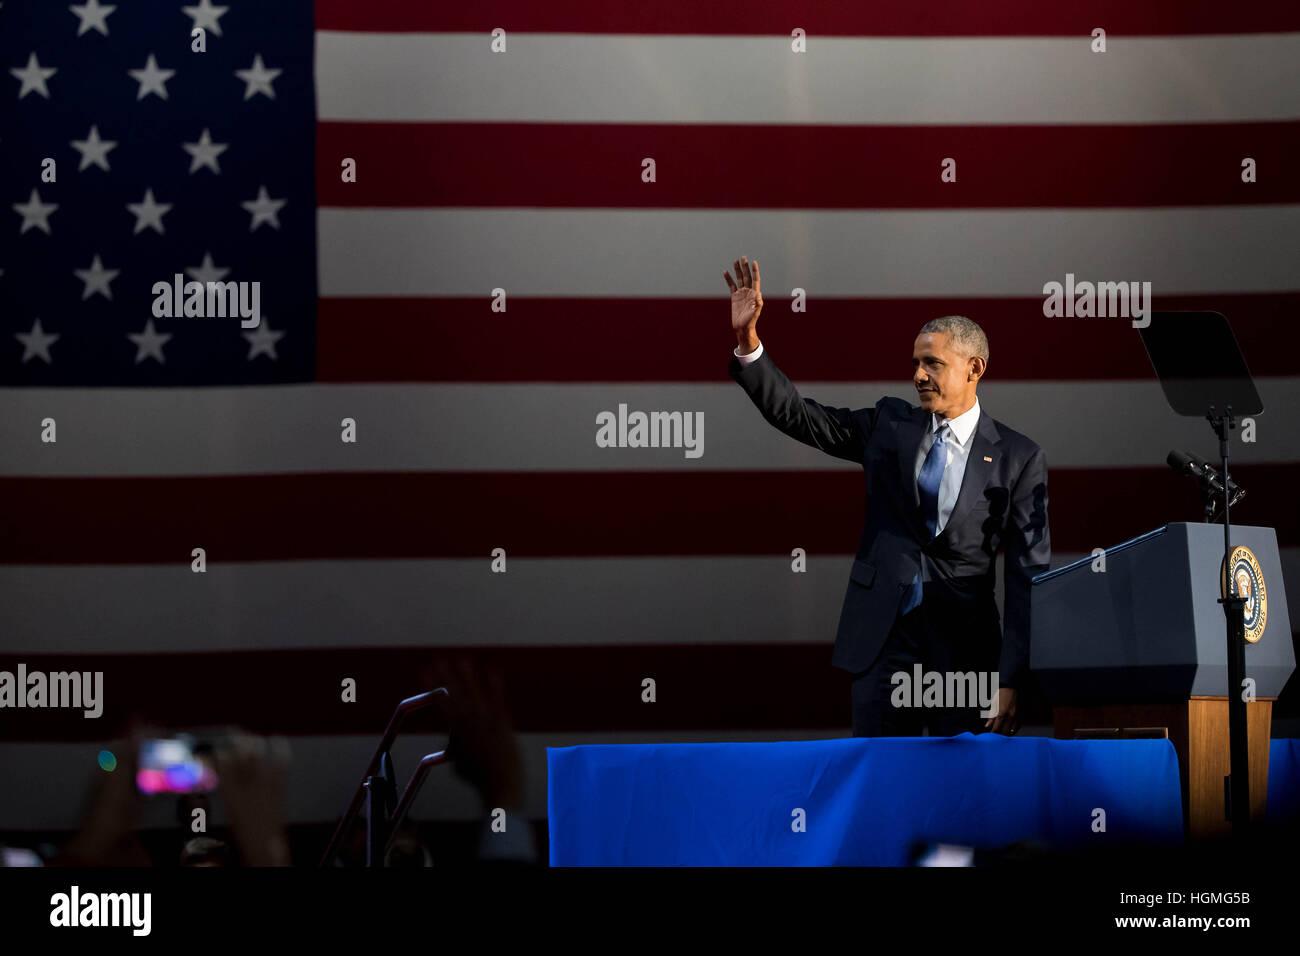 Chicago, USA. 10. Januar 2017. US-Präsident Barack Obama winkt dem Publikum vor der Auslieferung seiner Abschiedsrede Stockbild